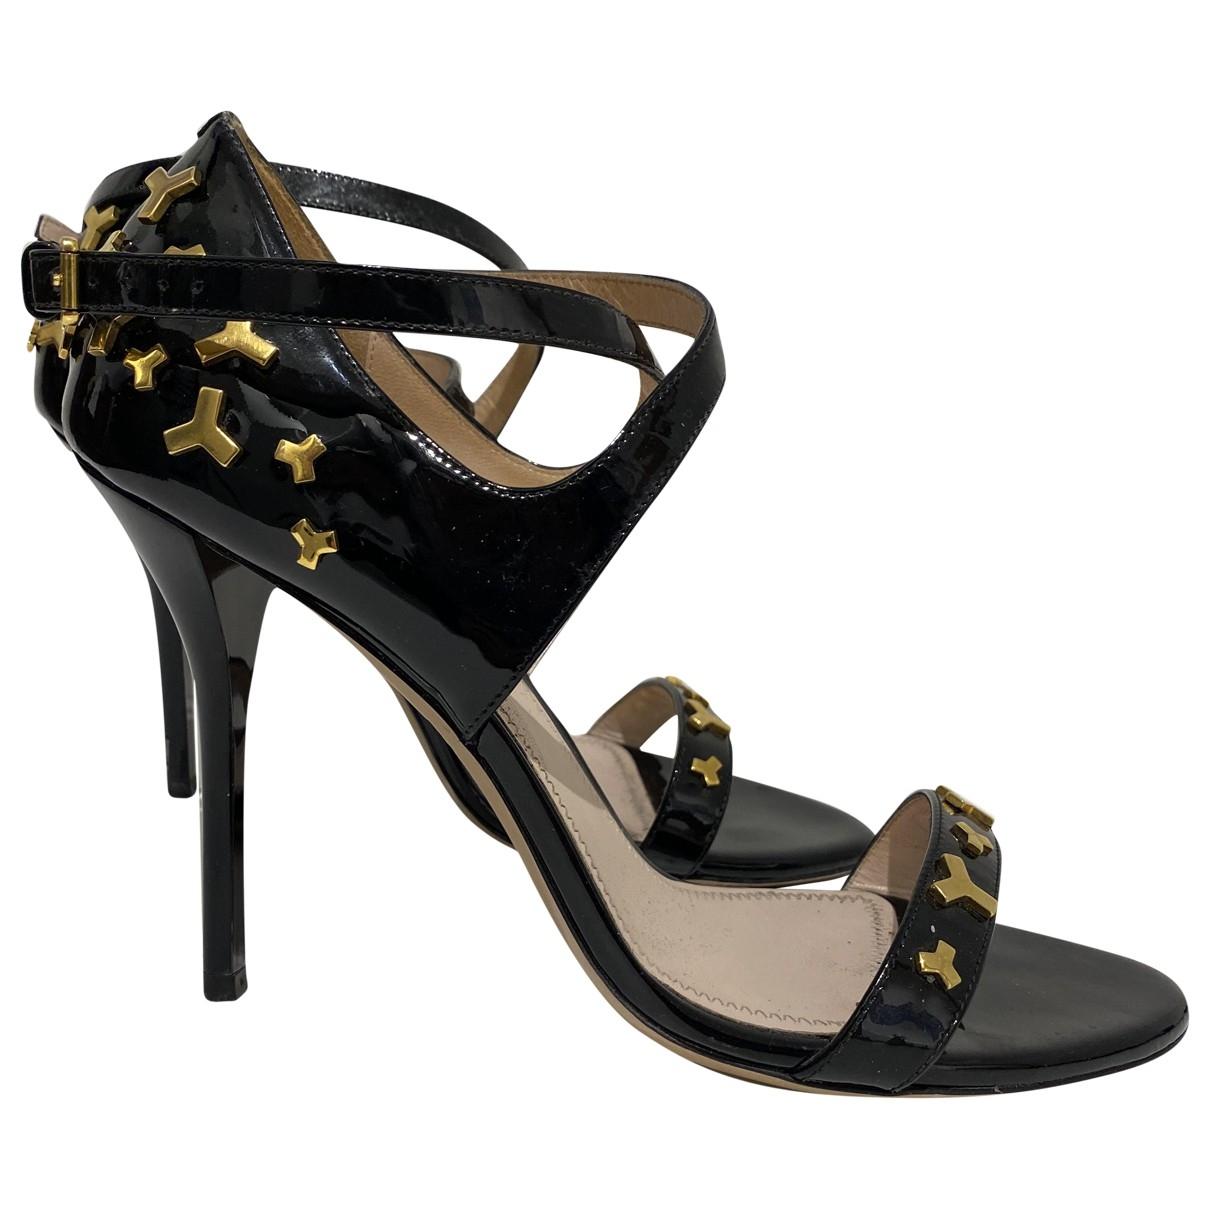 Bally - Sandales   pour femme en cuir verni - noir